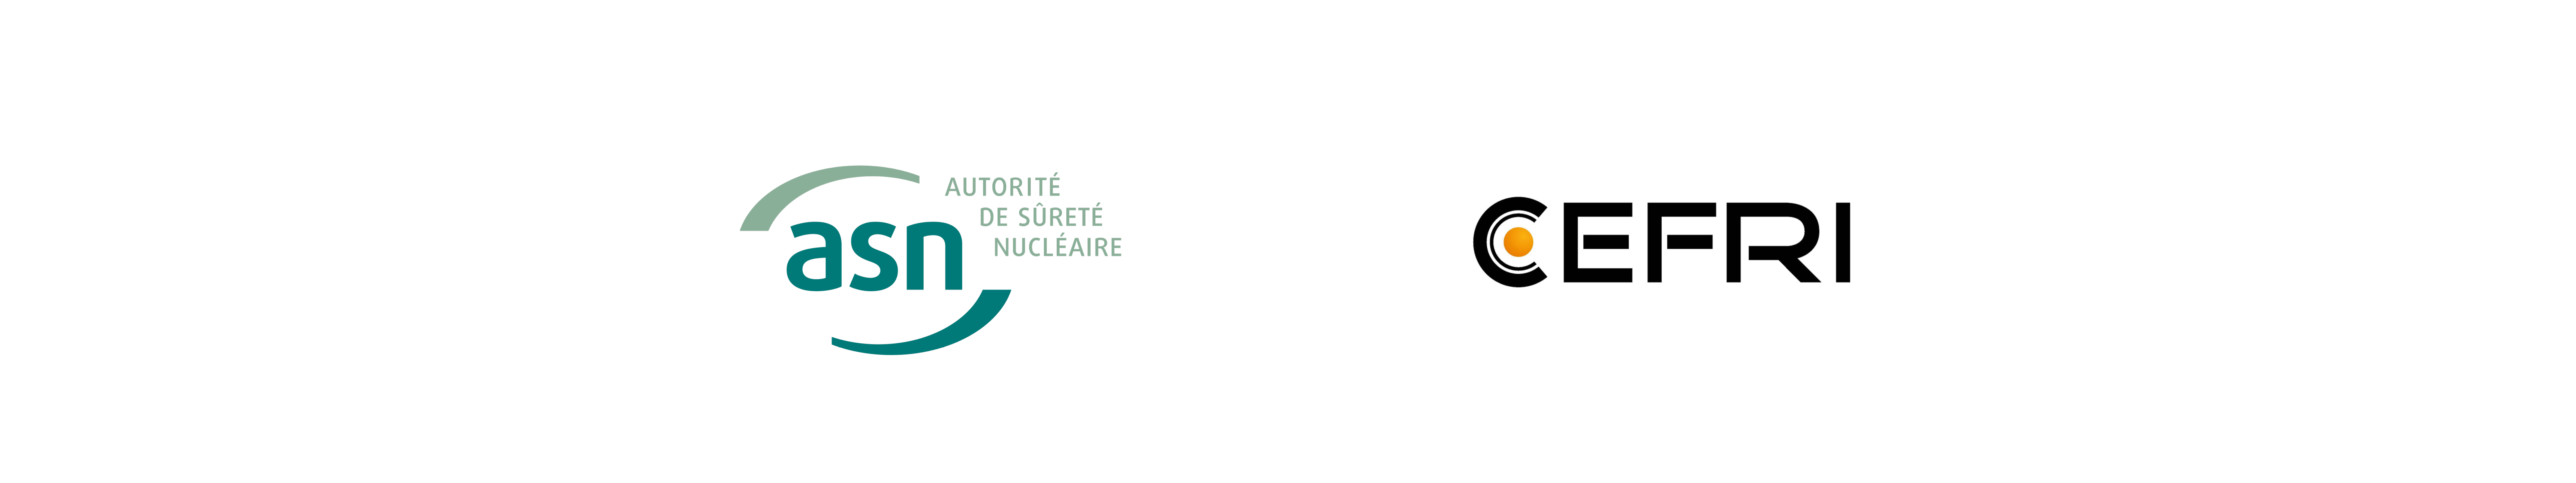 Logos bandeau